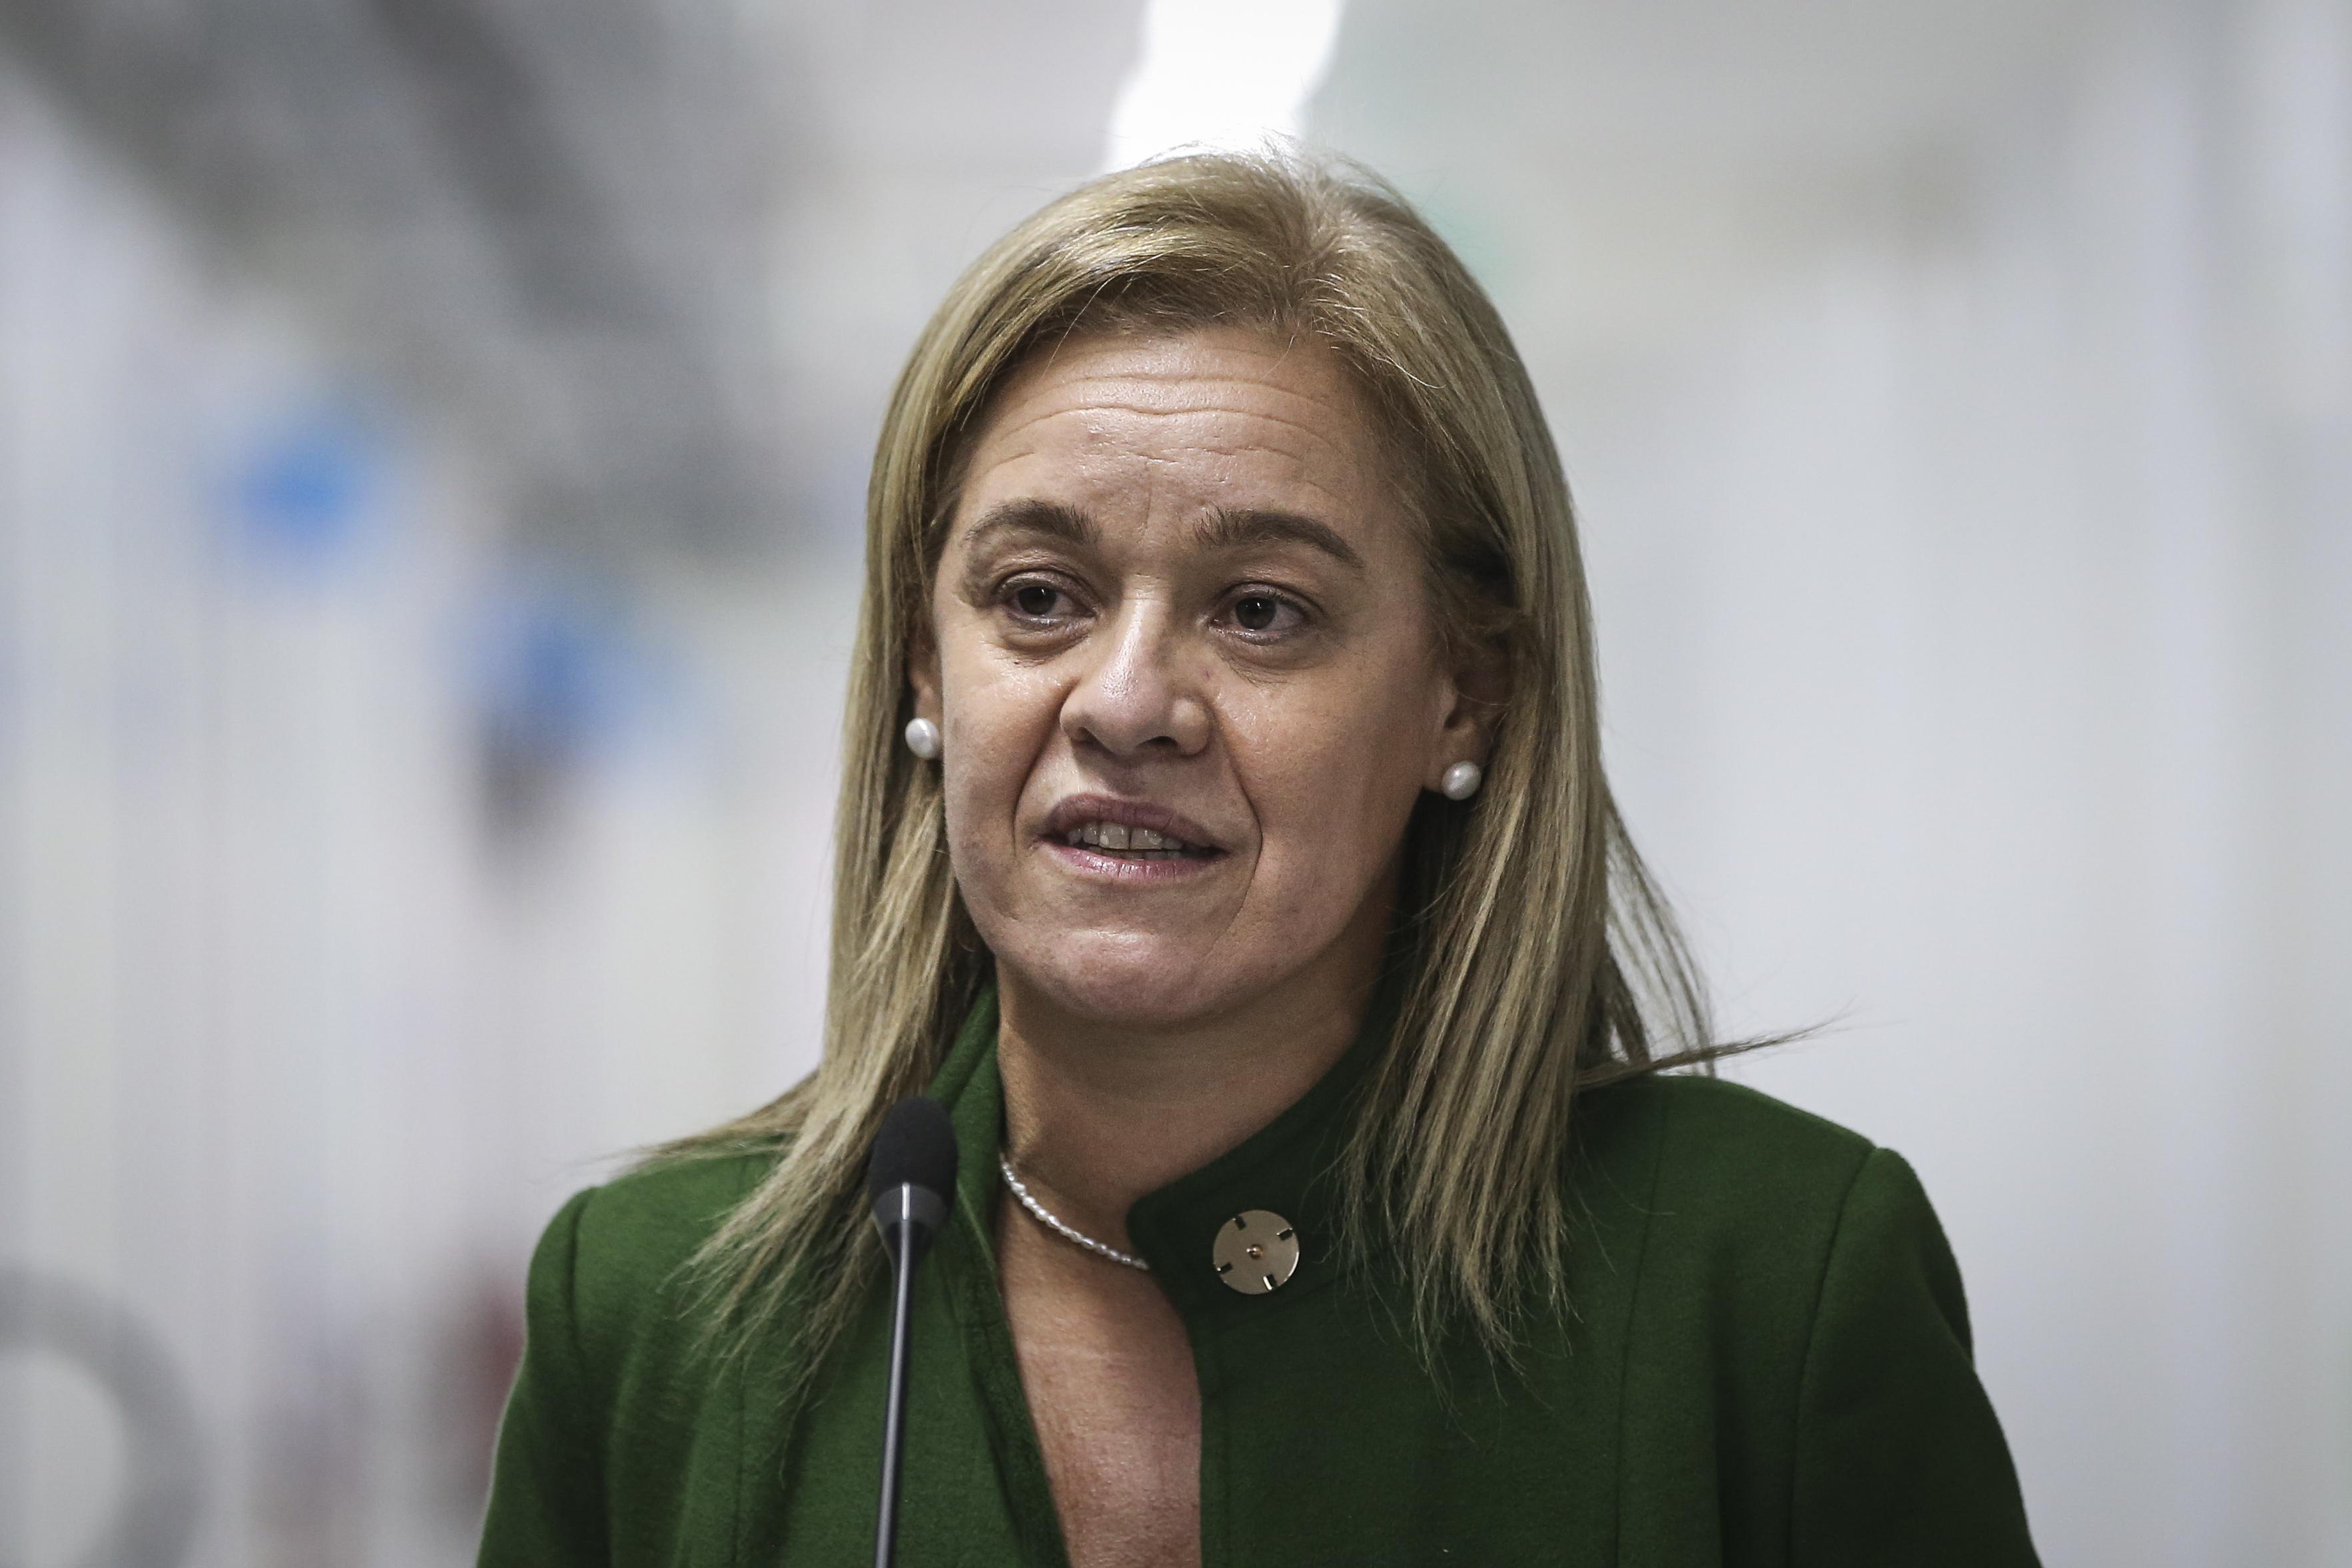 Socialista Carla Tavares (Amadora) eleita presidente do Conselho Metropolitano de Lisboa